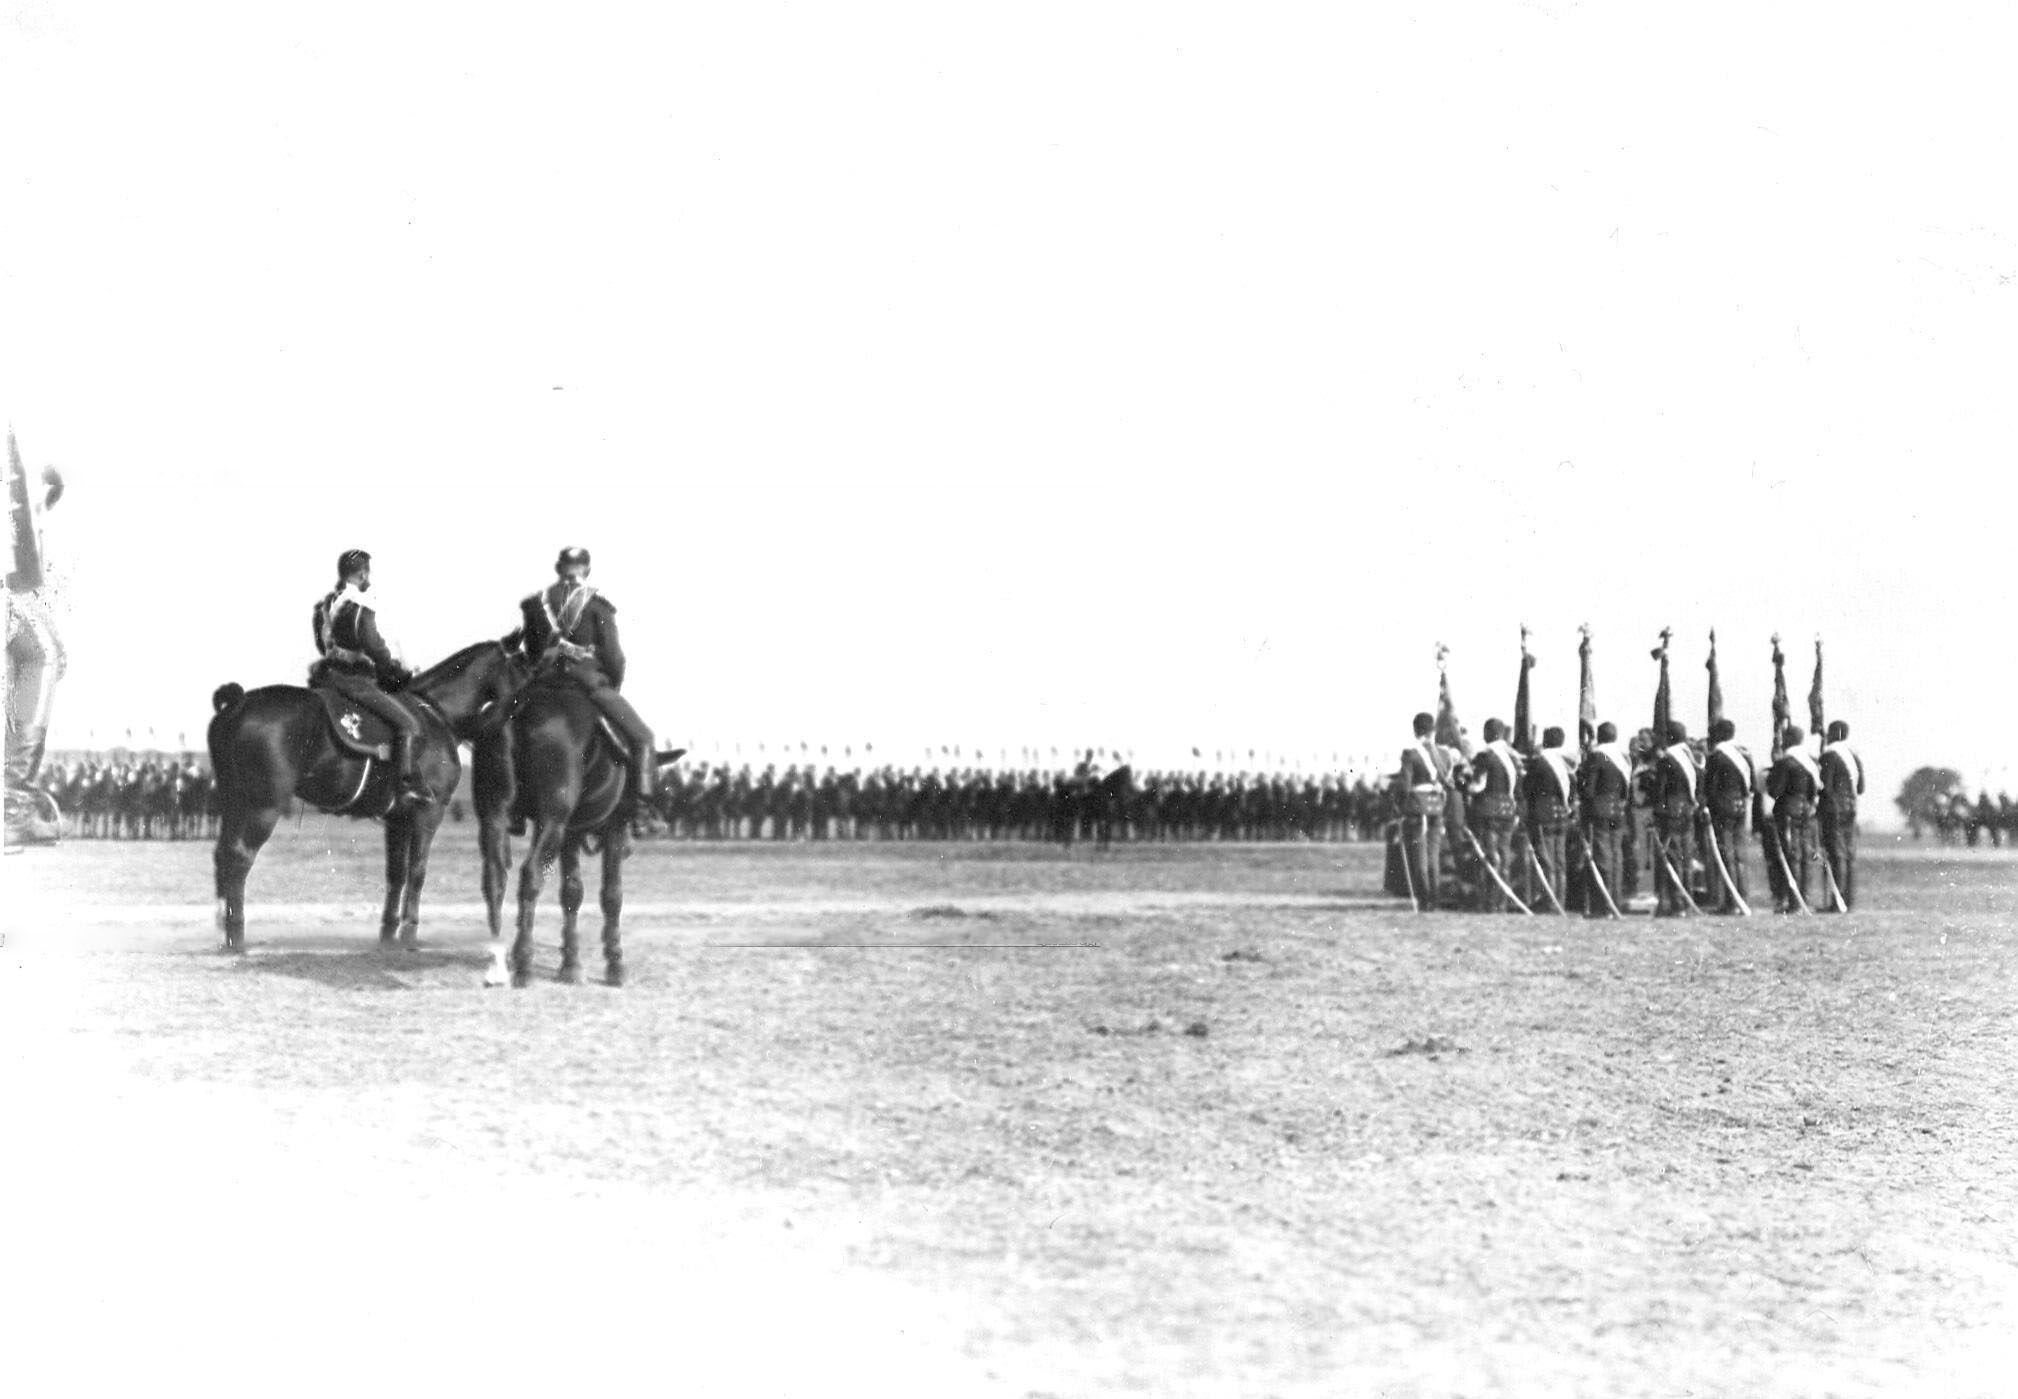 Император Николай II в момент торжественного молебна по случаю празднования 250-летнего юбилея полка